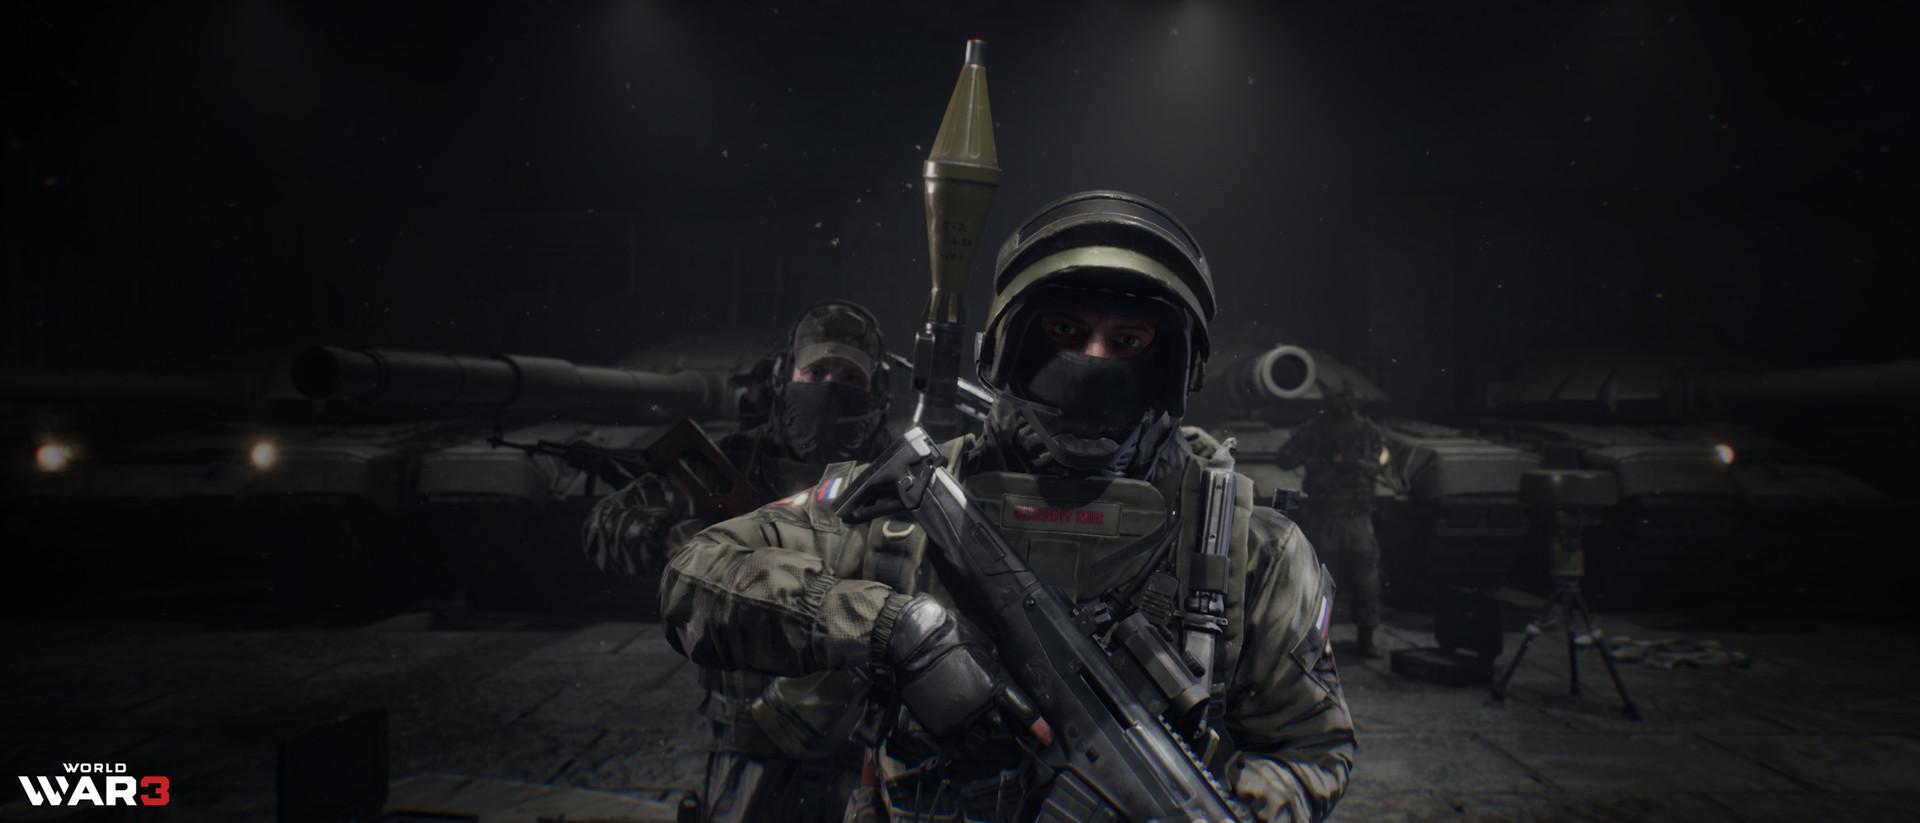 ArtStation - World War 3: Announcement Trailer, Kewin Krawczyk